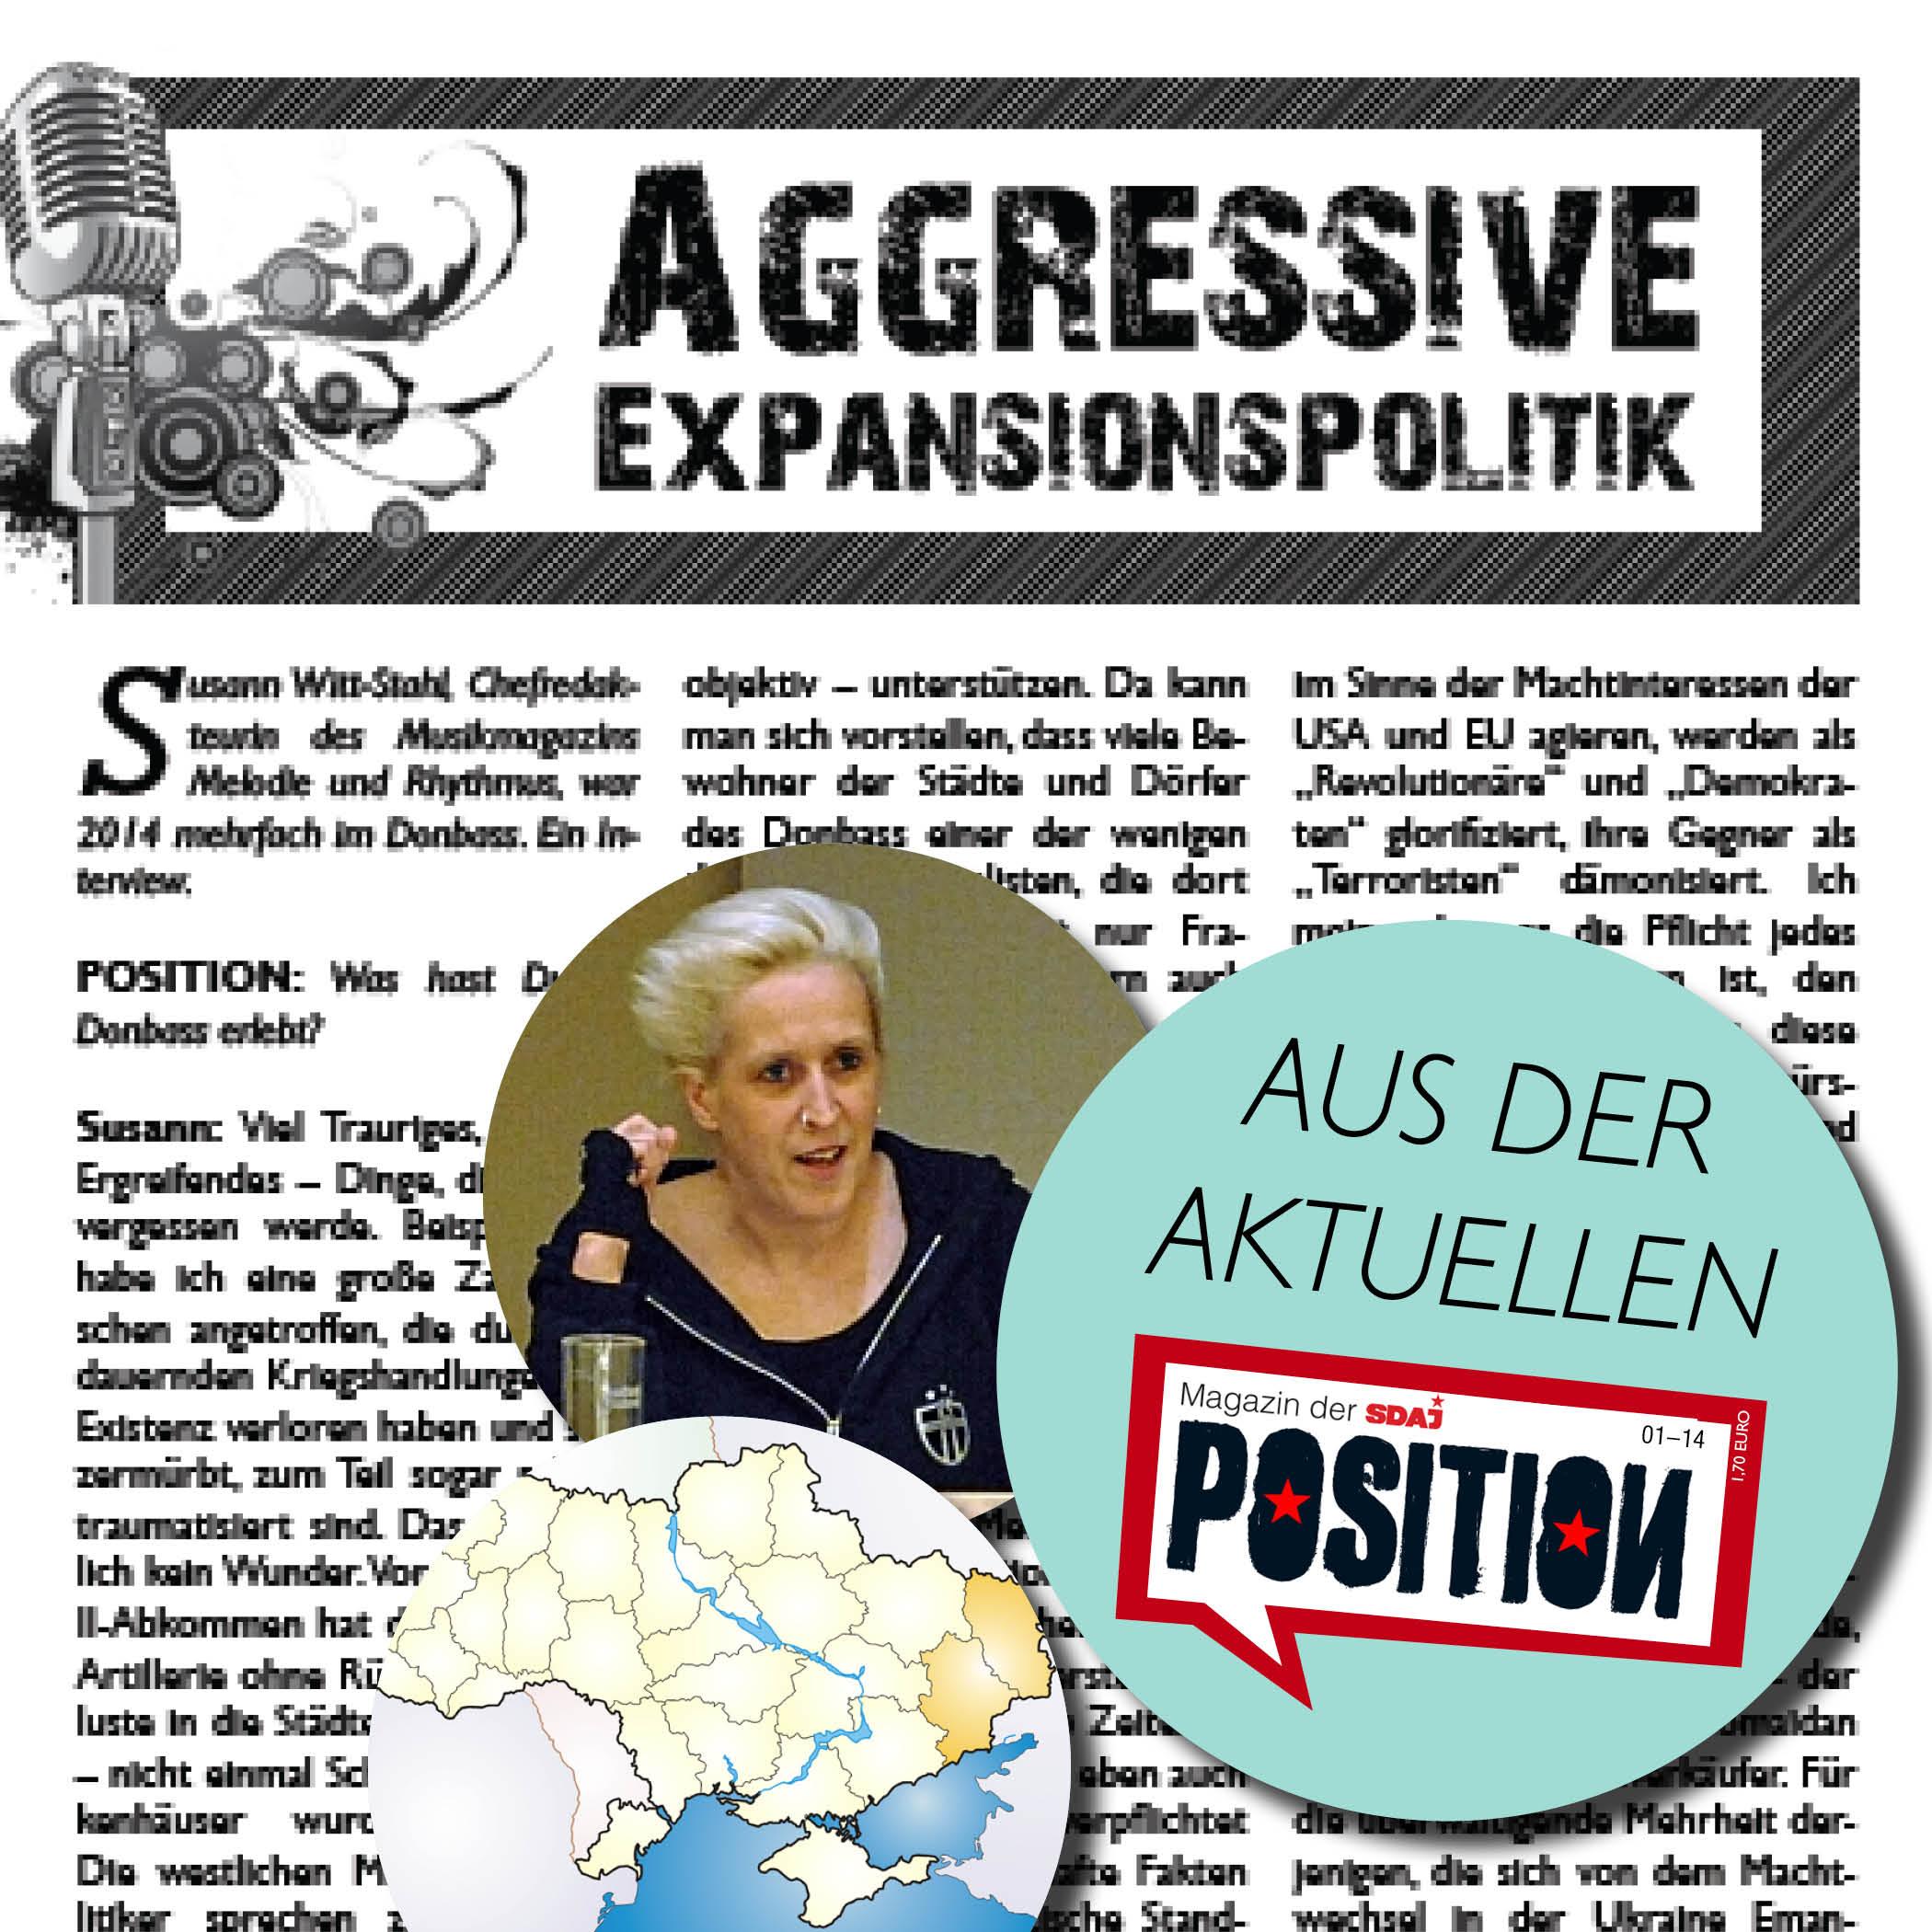 Aggressive Expansionspolitik